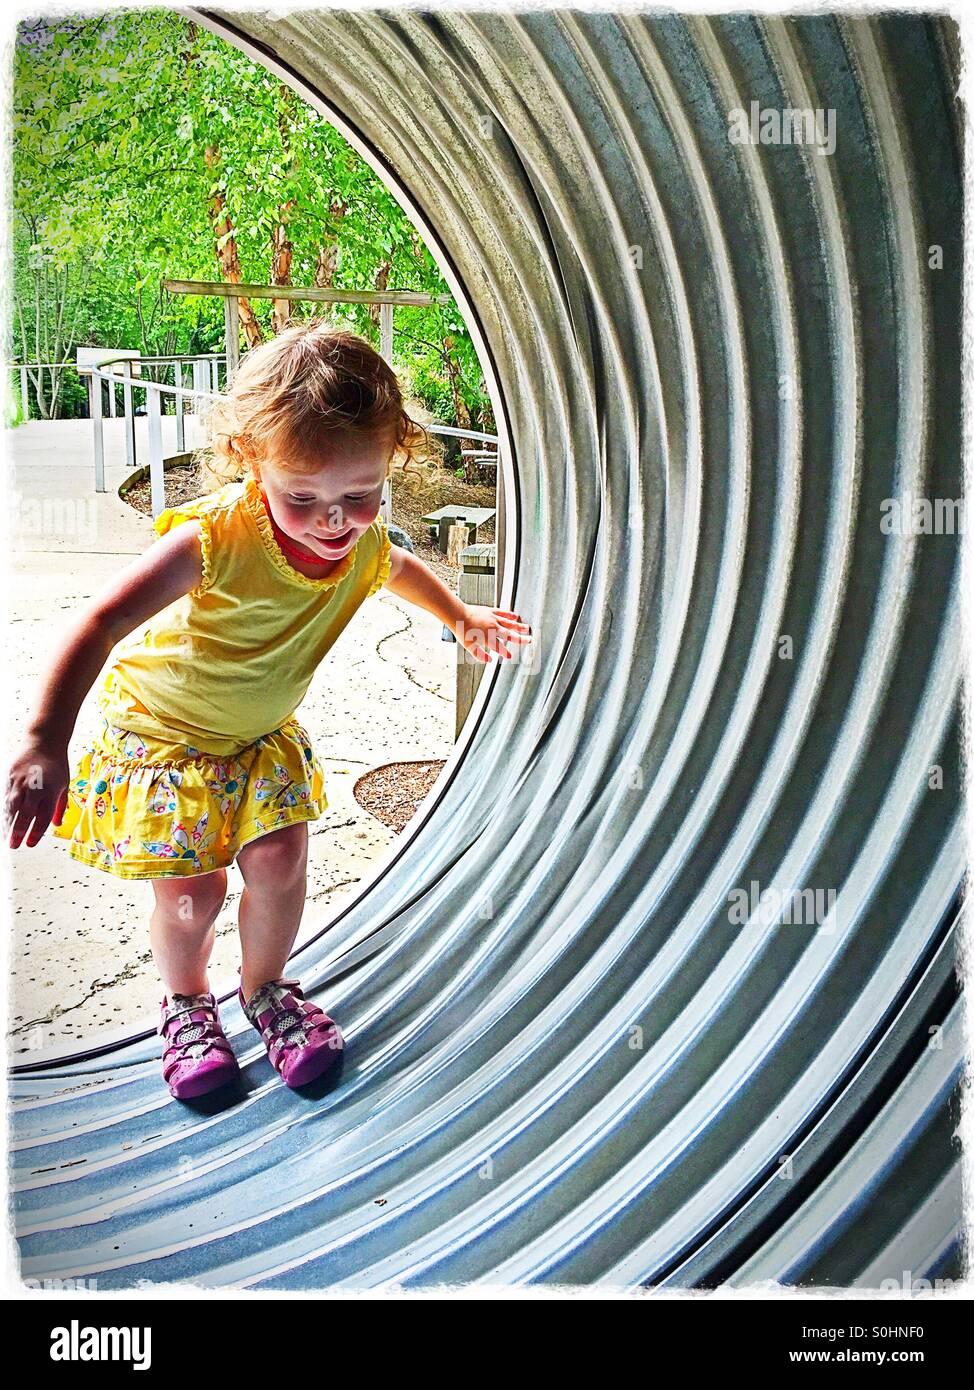 Toddler escalada em túnel Imagens de Stock